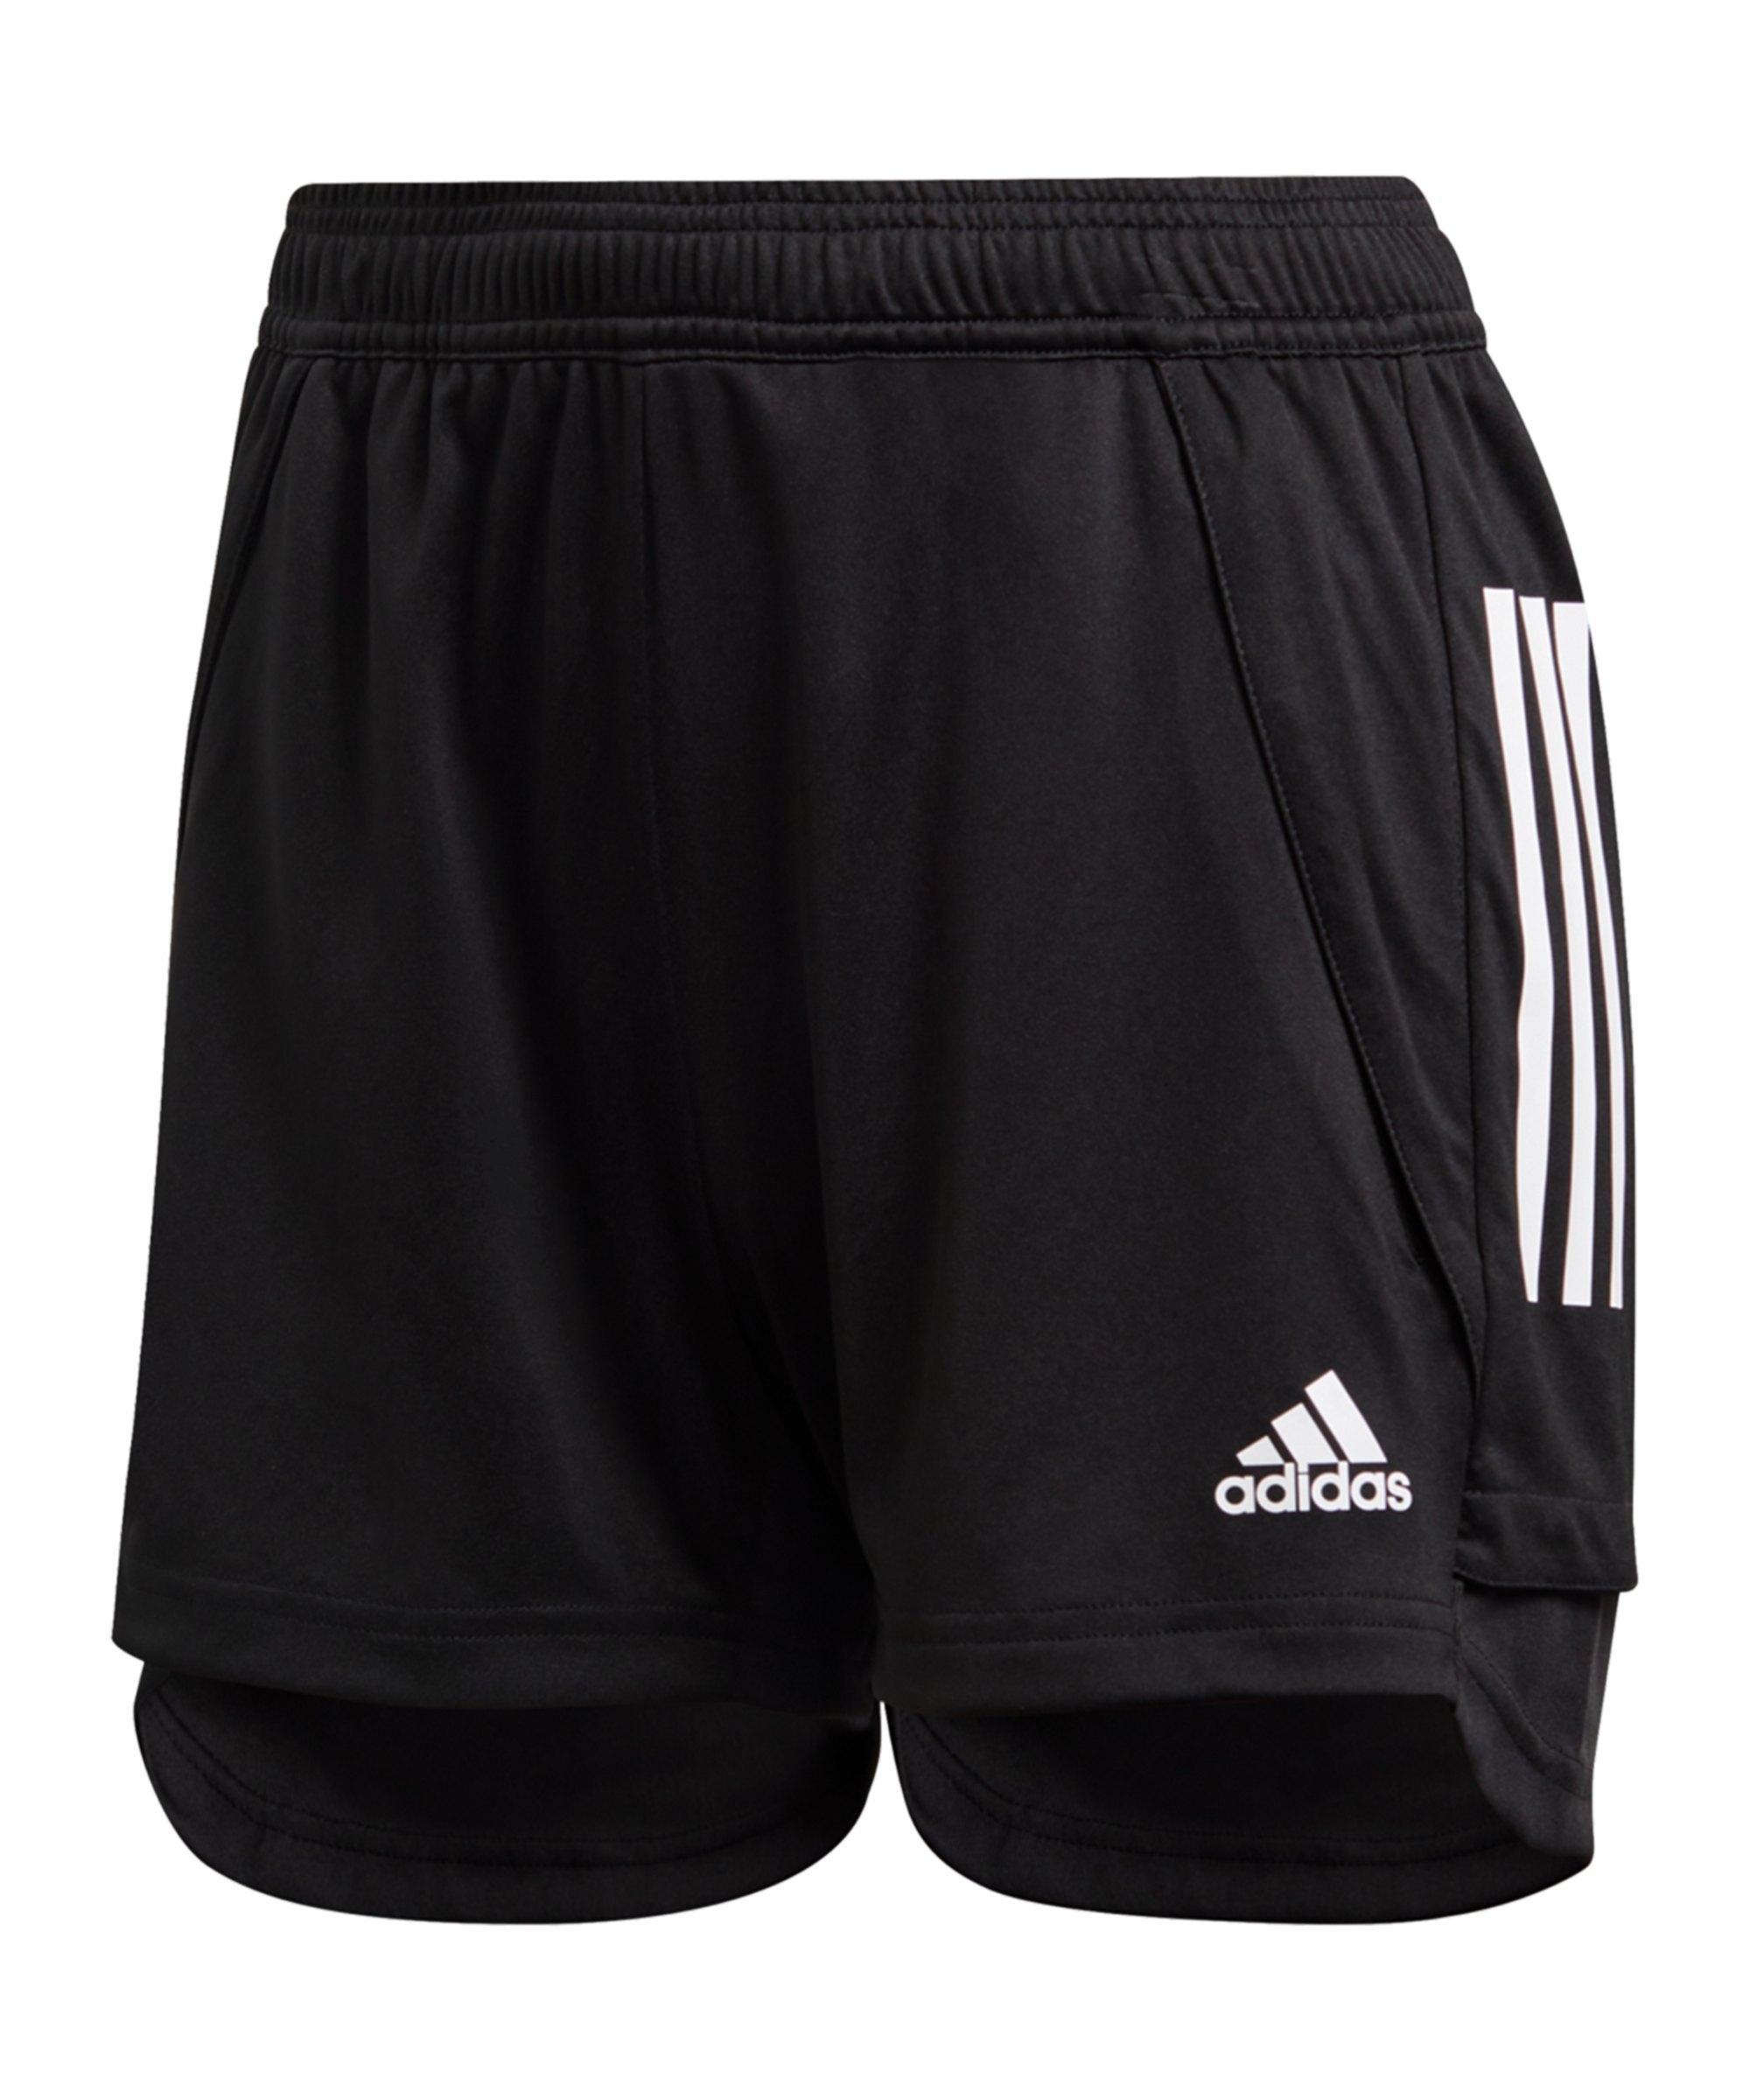 adidas Condivo 20 Short Damen Schwarz Weiss - schwarz